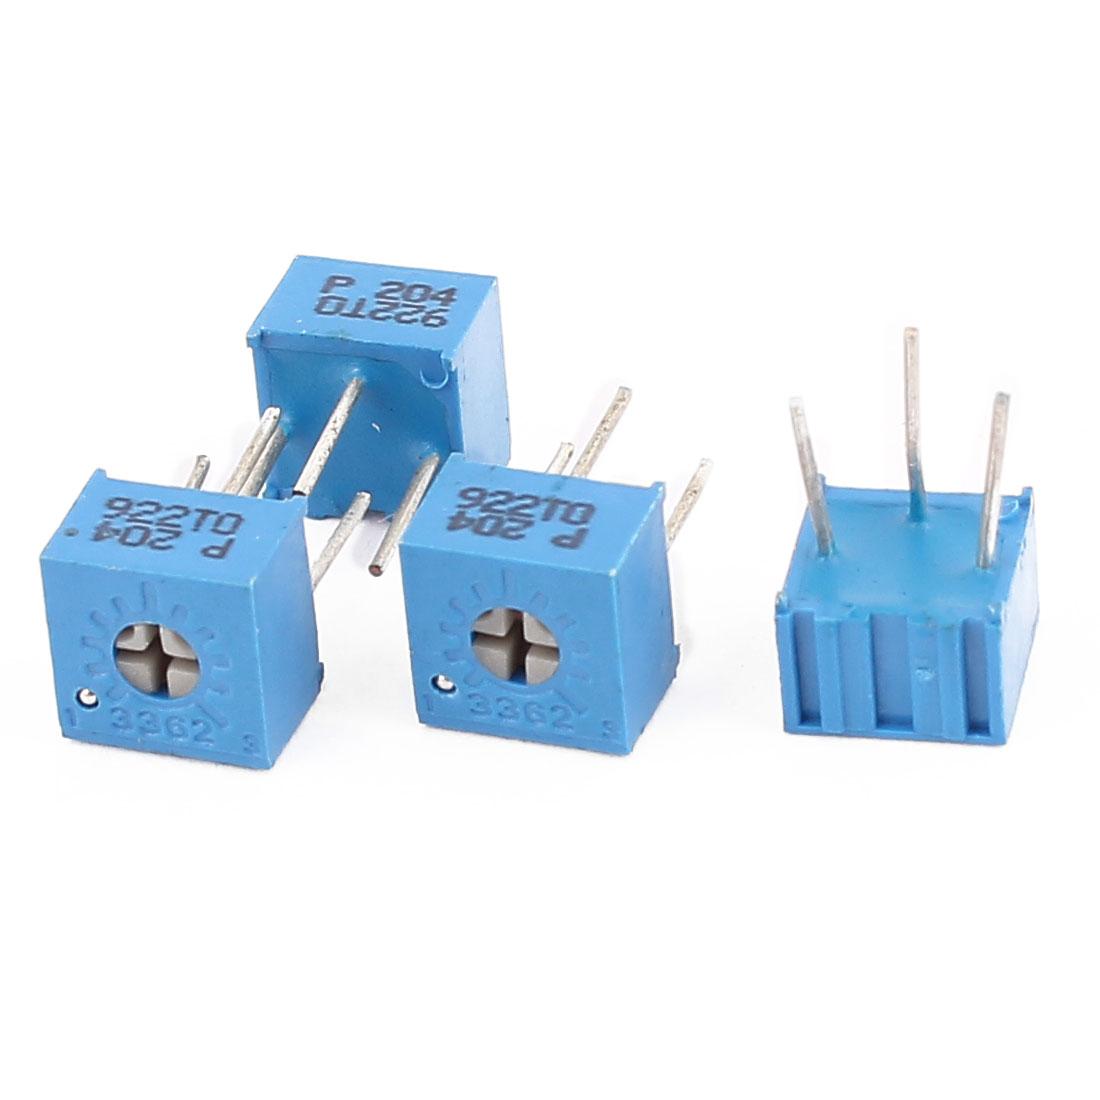 4 Pcs 3362P-204 200K Ohm Square Trimming Potentiometers